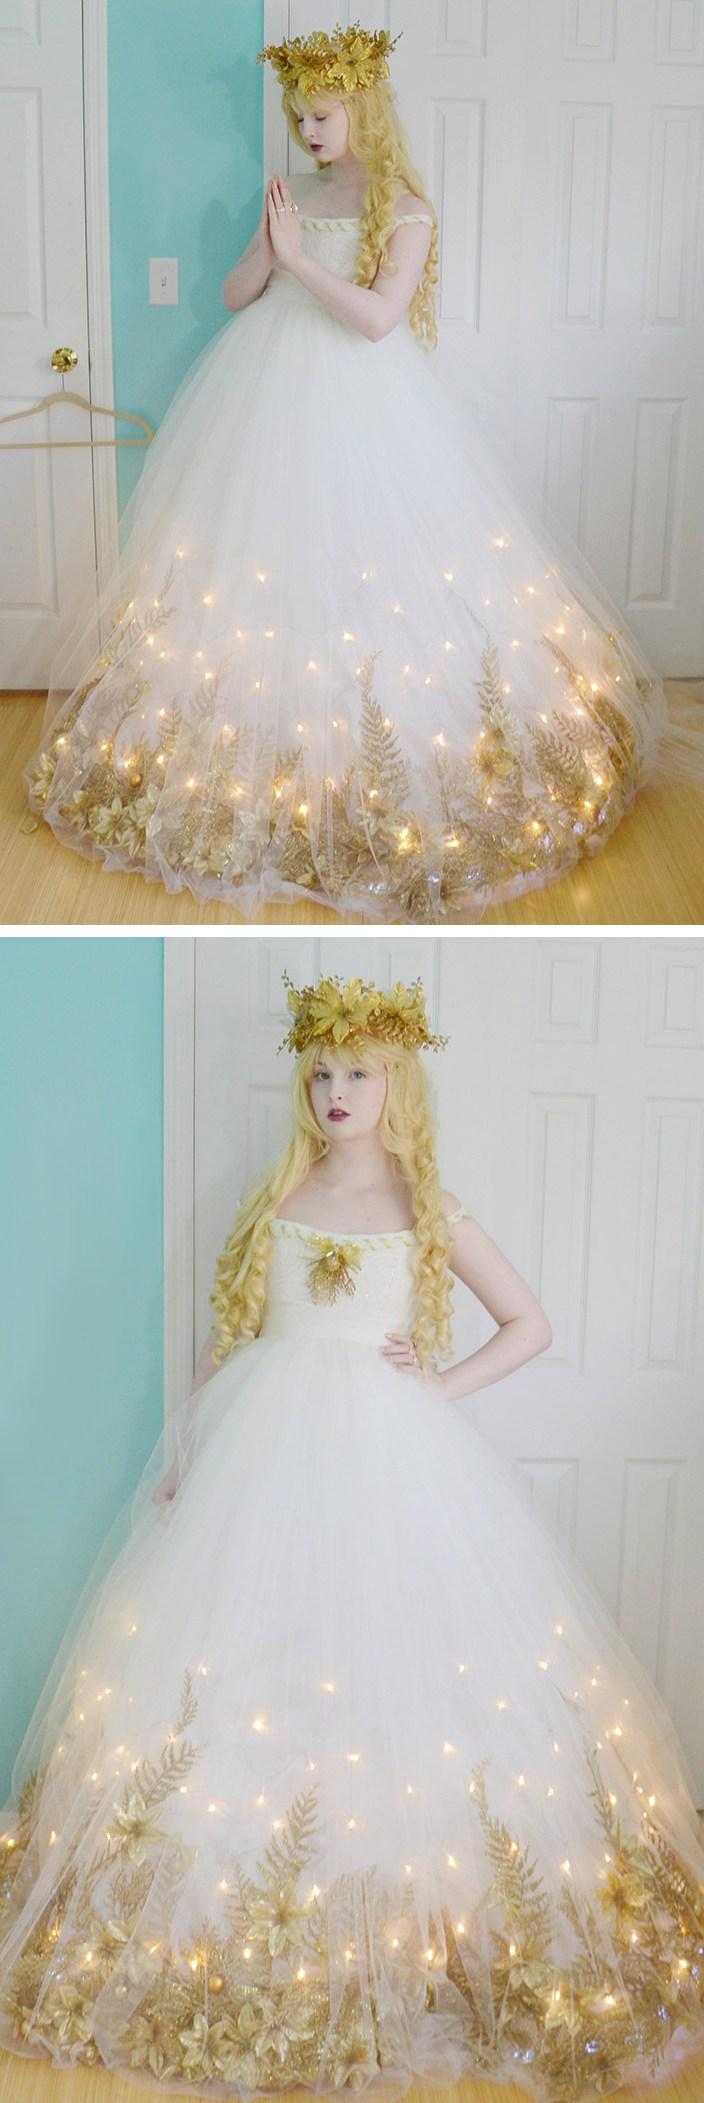 costume-fairy